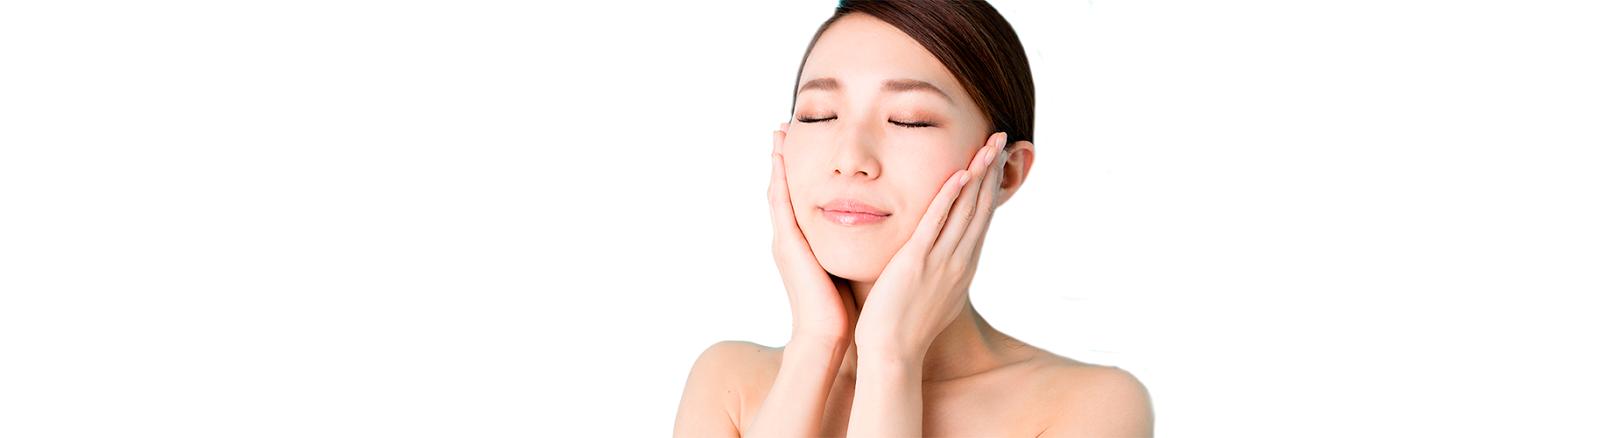 SCAR CLEARR - Kem trị sẹo rỗ hiệu quả | Cách trị sẹo rỗ trên mặt hiệu quả